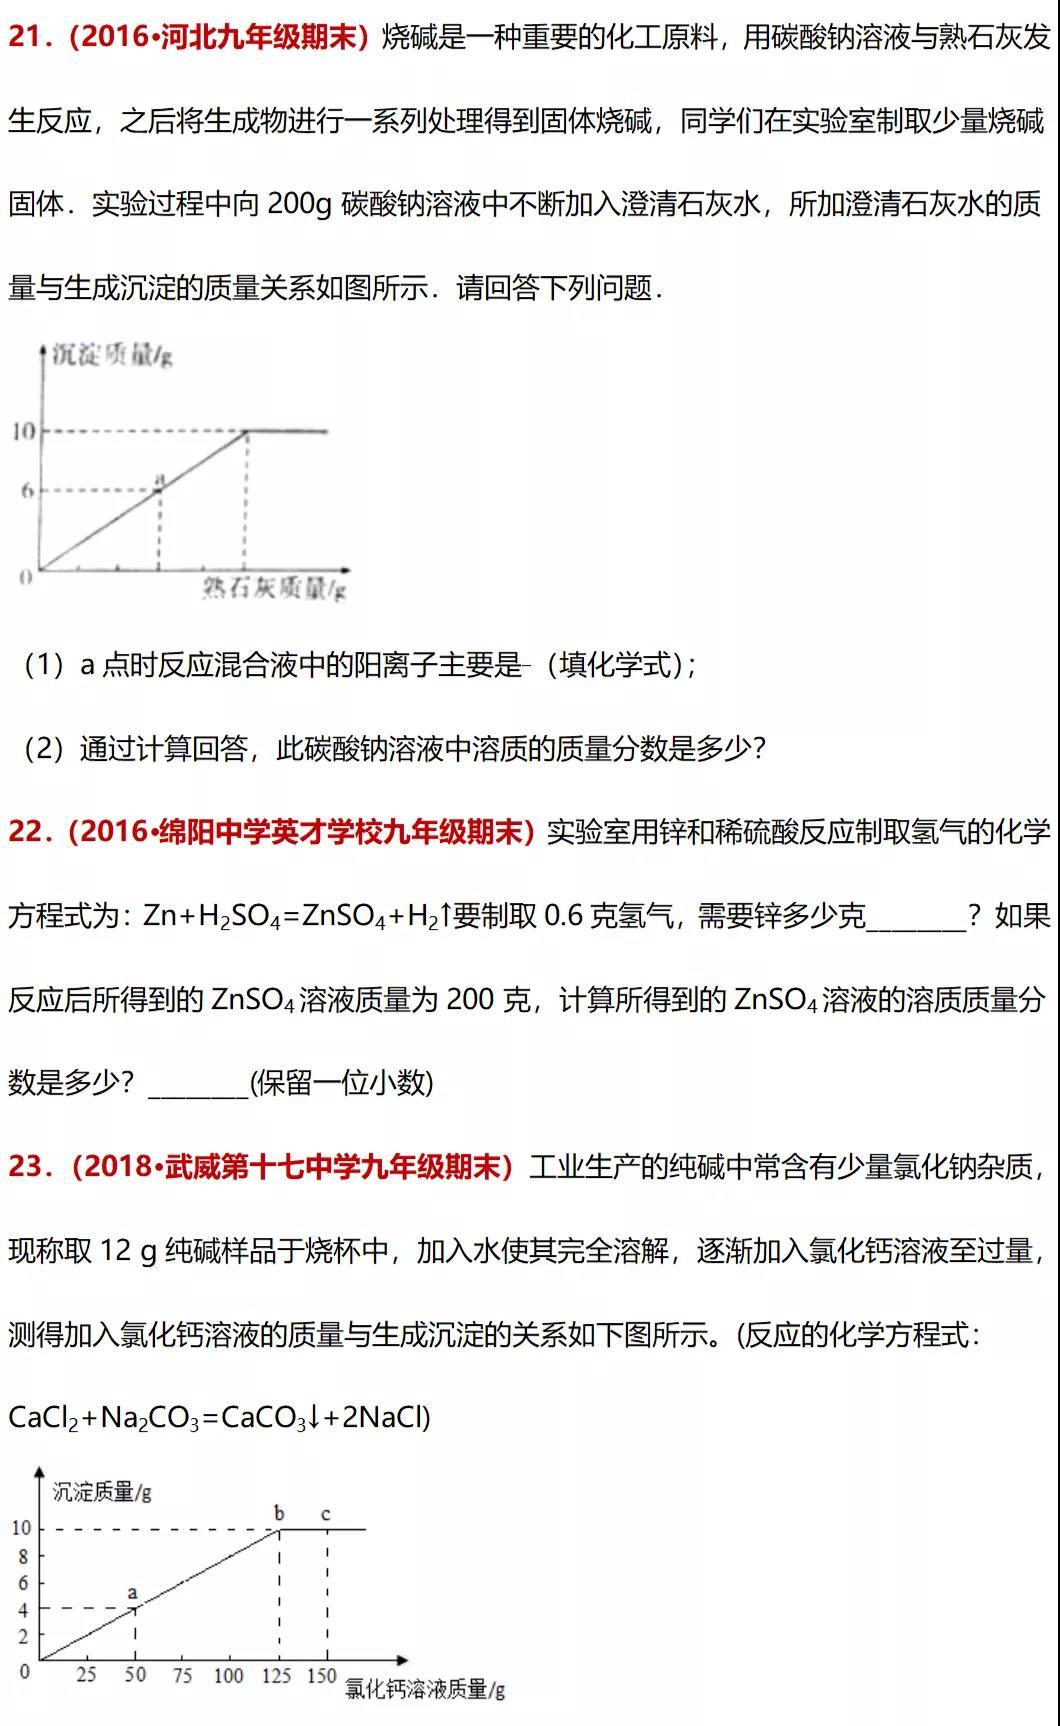 中考化学计算专项练习题(五)